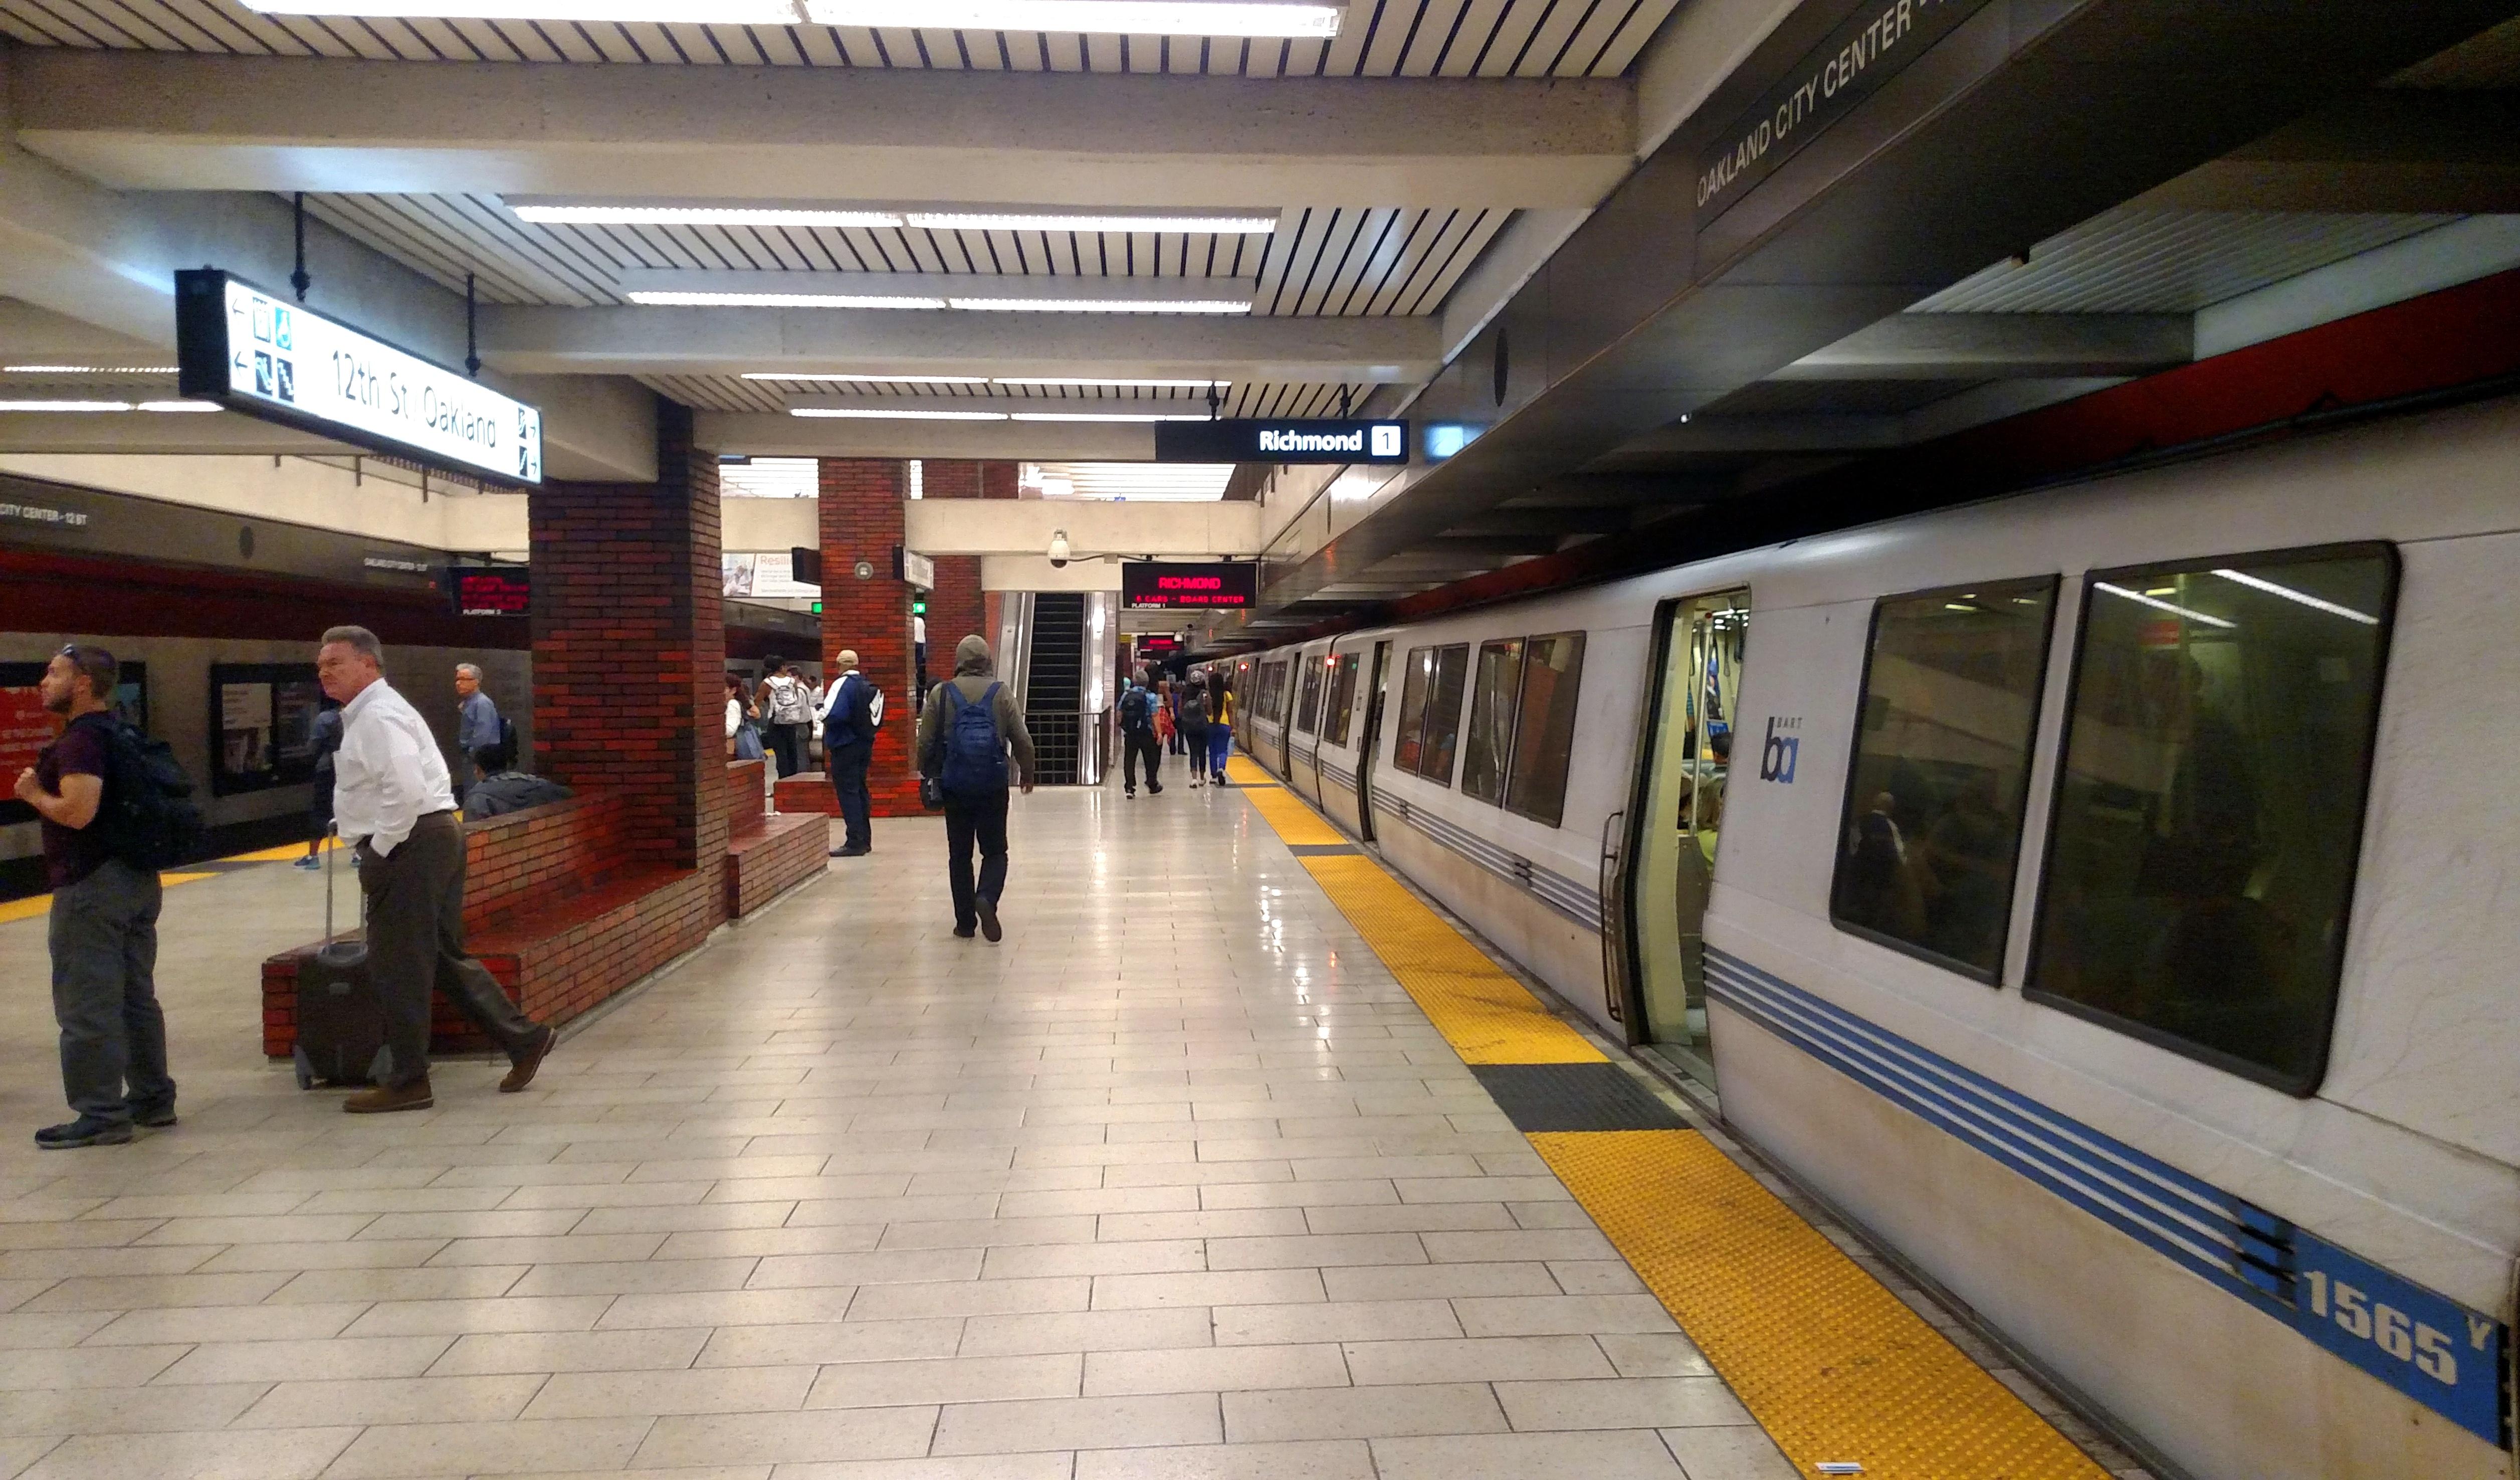 richmond bound train announces - HD5028×2952